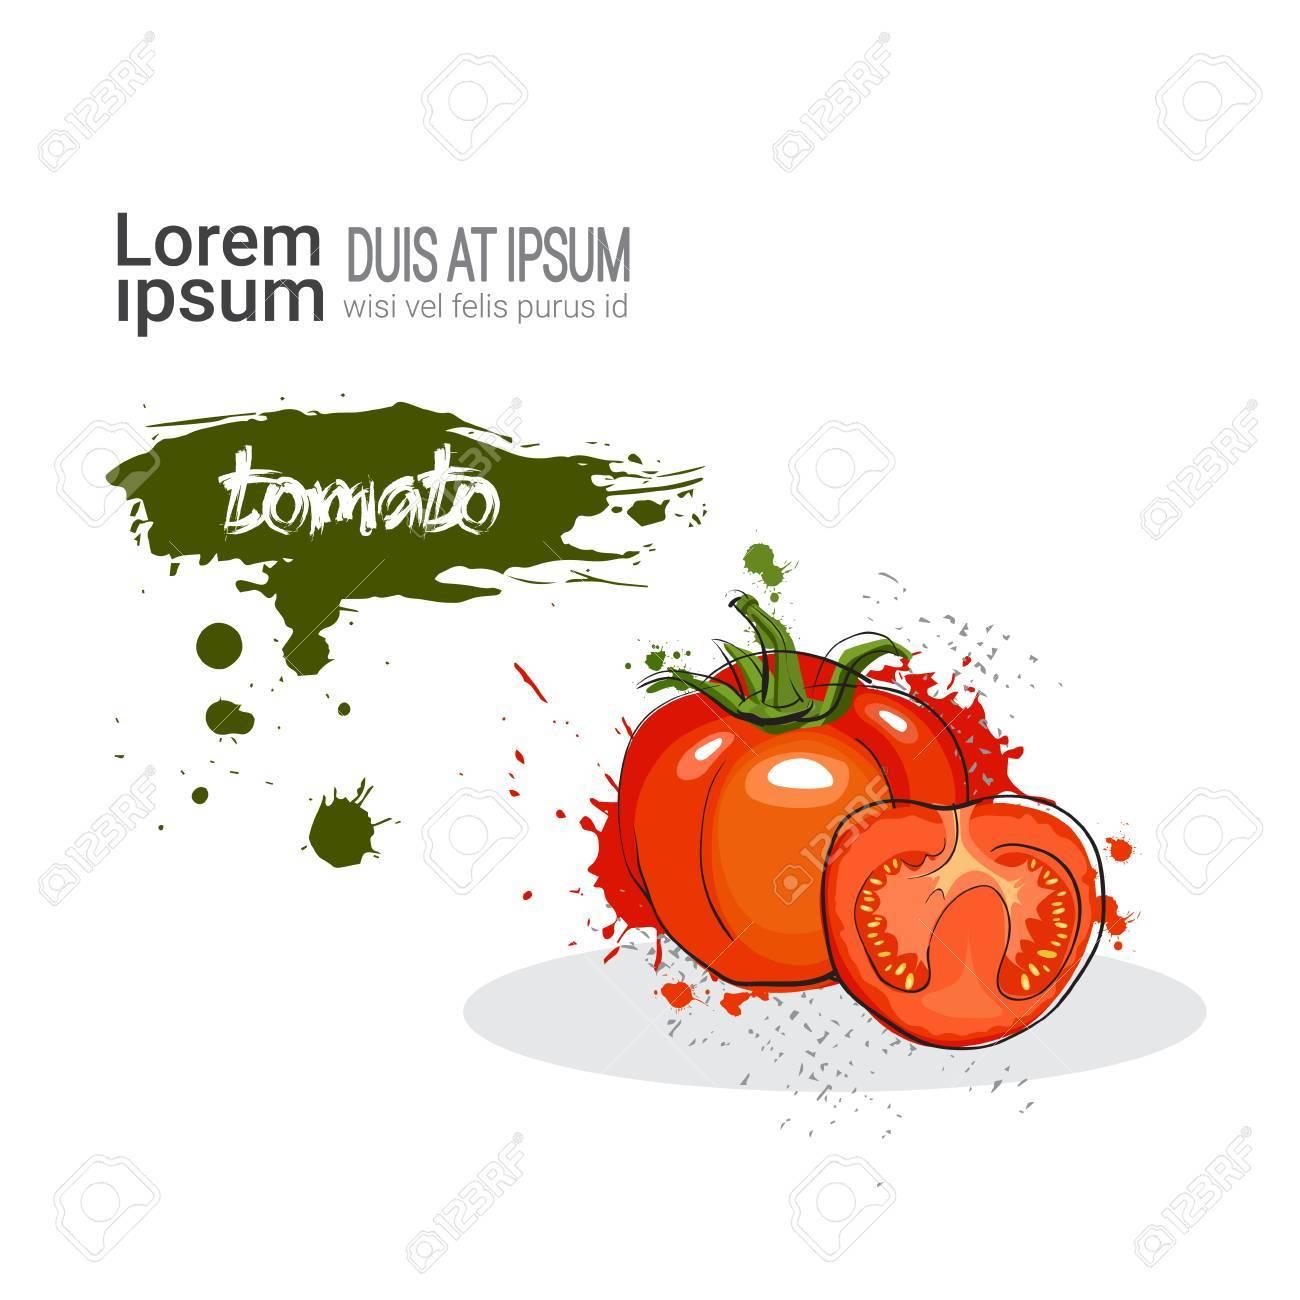 トマト水彩野菜コピー スペース ベクトル イラスト白背景に手書きします